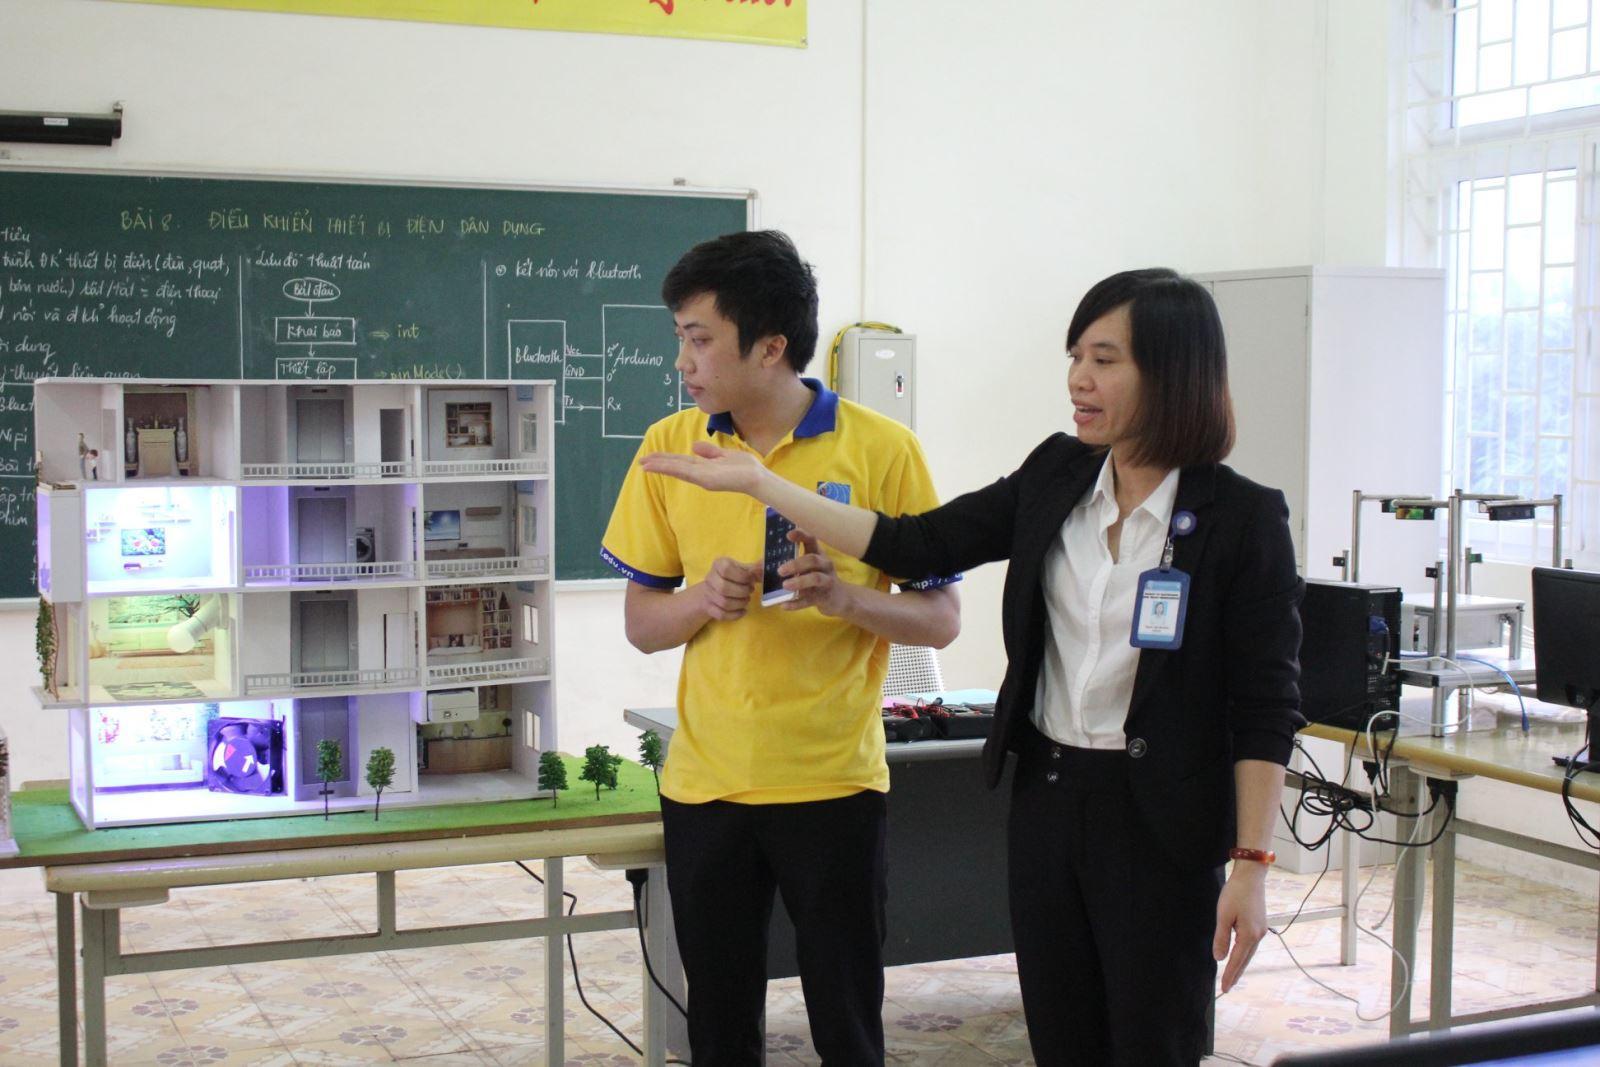 Một lớp học thực hành tại trường cao đẳng nghề.